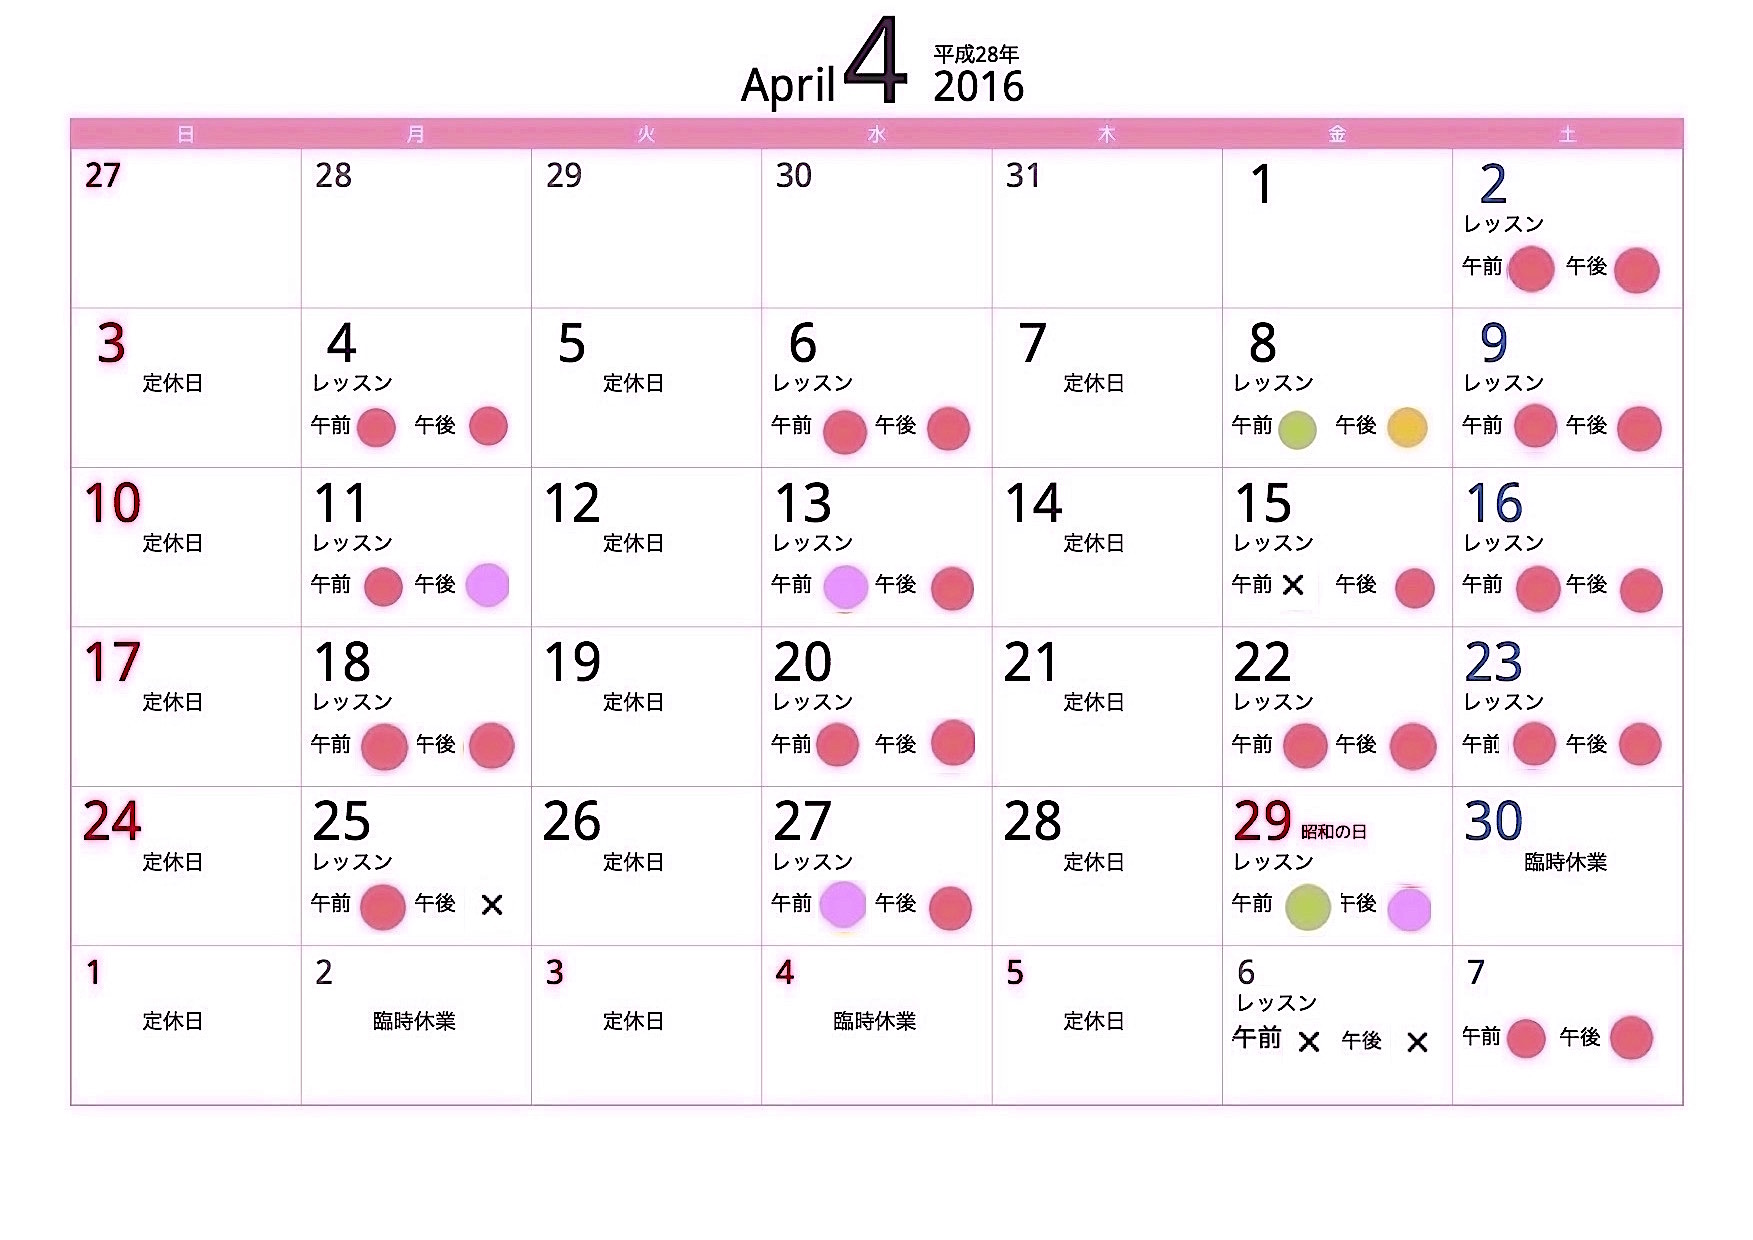 4月のレッスンカレンダー_b0192257_21971.jpg